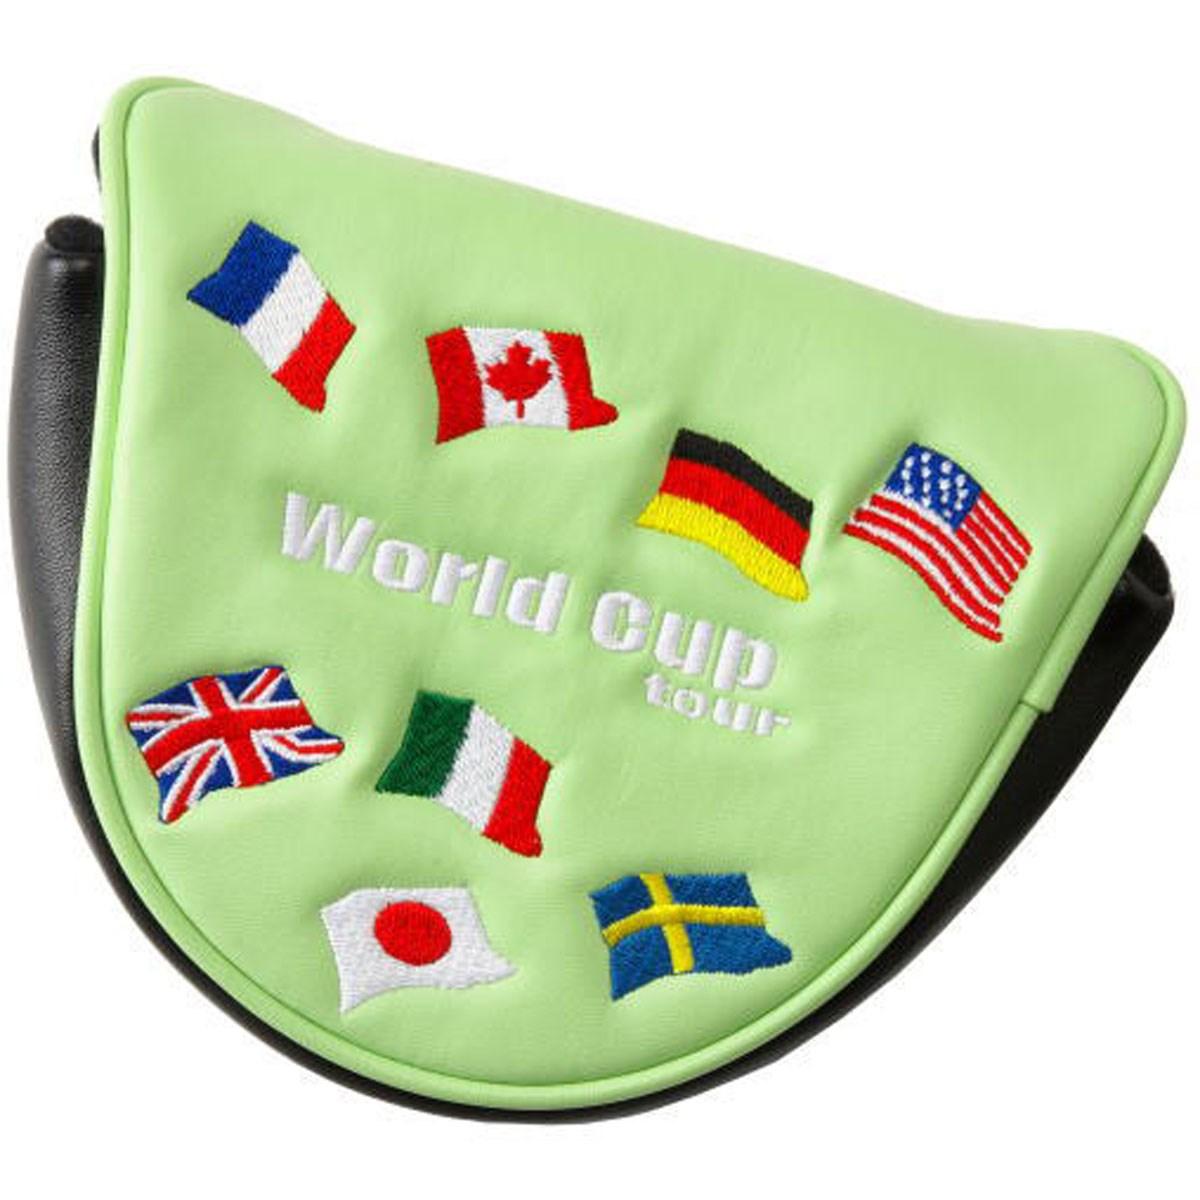 クリオコーポレーション KURIO CORPORATION ワールドカップツアー パターカバー 2ボールタイプ ライムグリーン メンズ ゴルフ